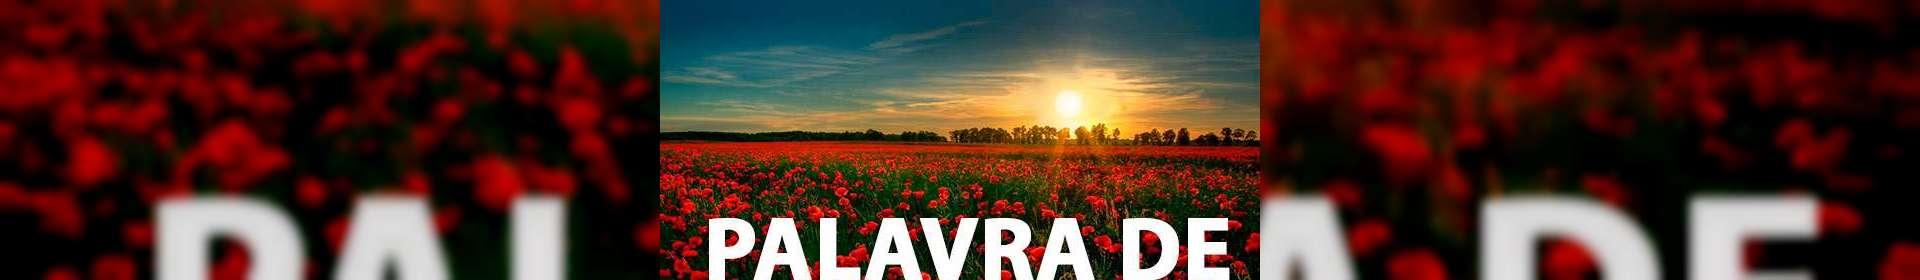 Salmos 108:1 - Uma Palavra de Esperança para sua vida